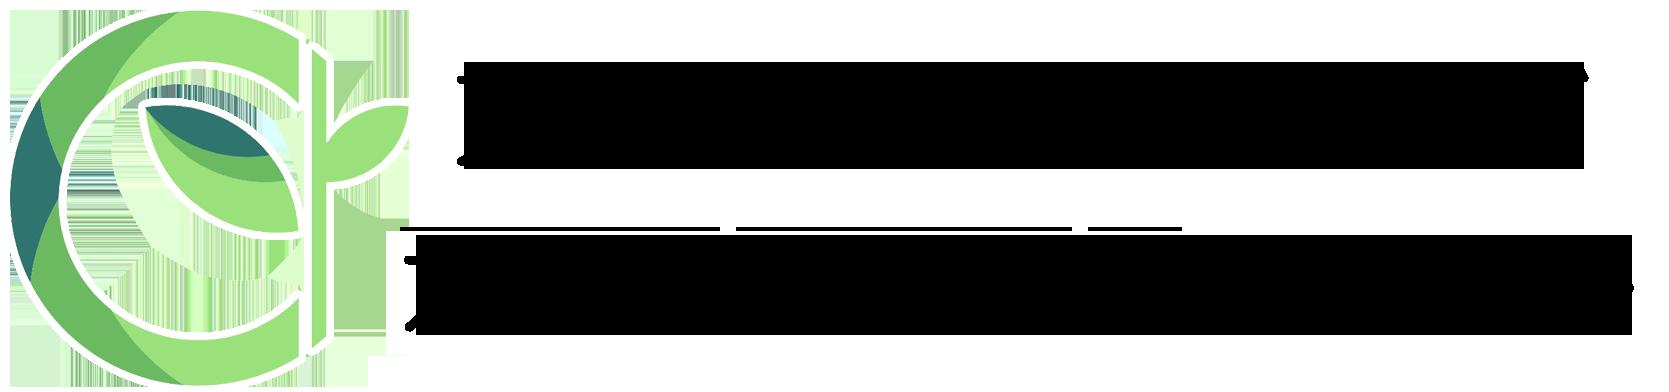 制作料金一覧 格安ホームページ制作CHACO-WEB.COM管理費用0円・更新費用0円